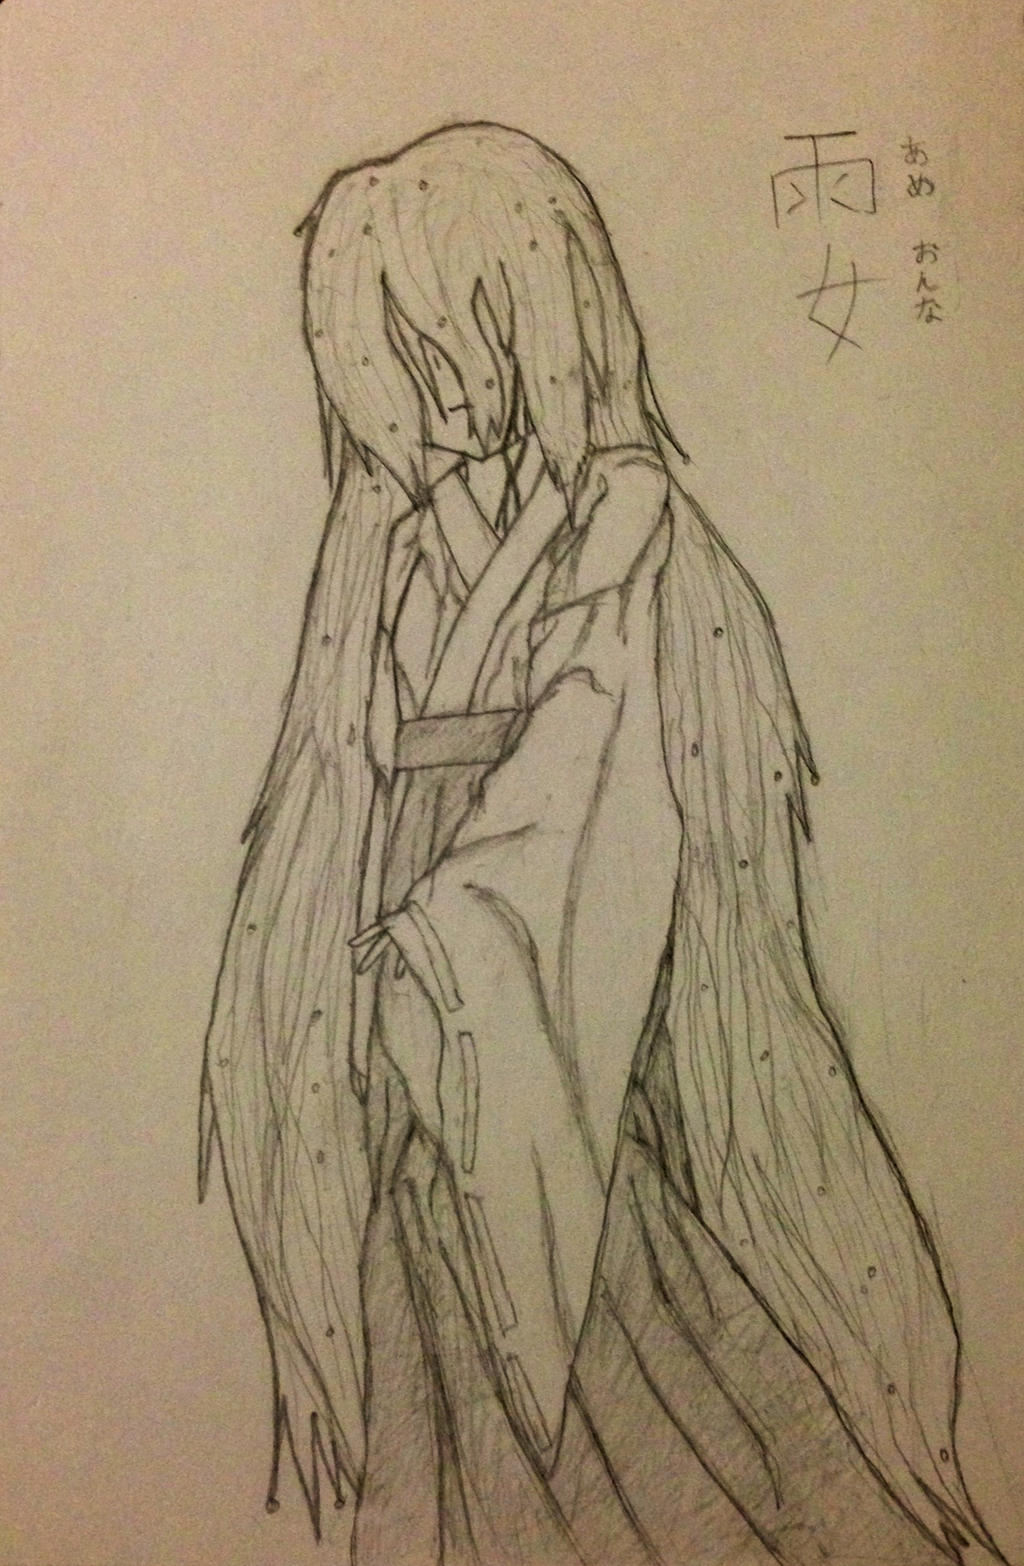 Ameonna